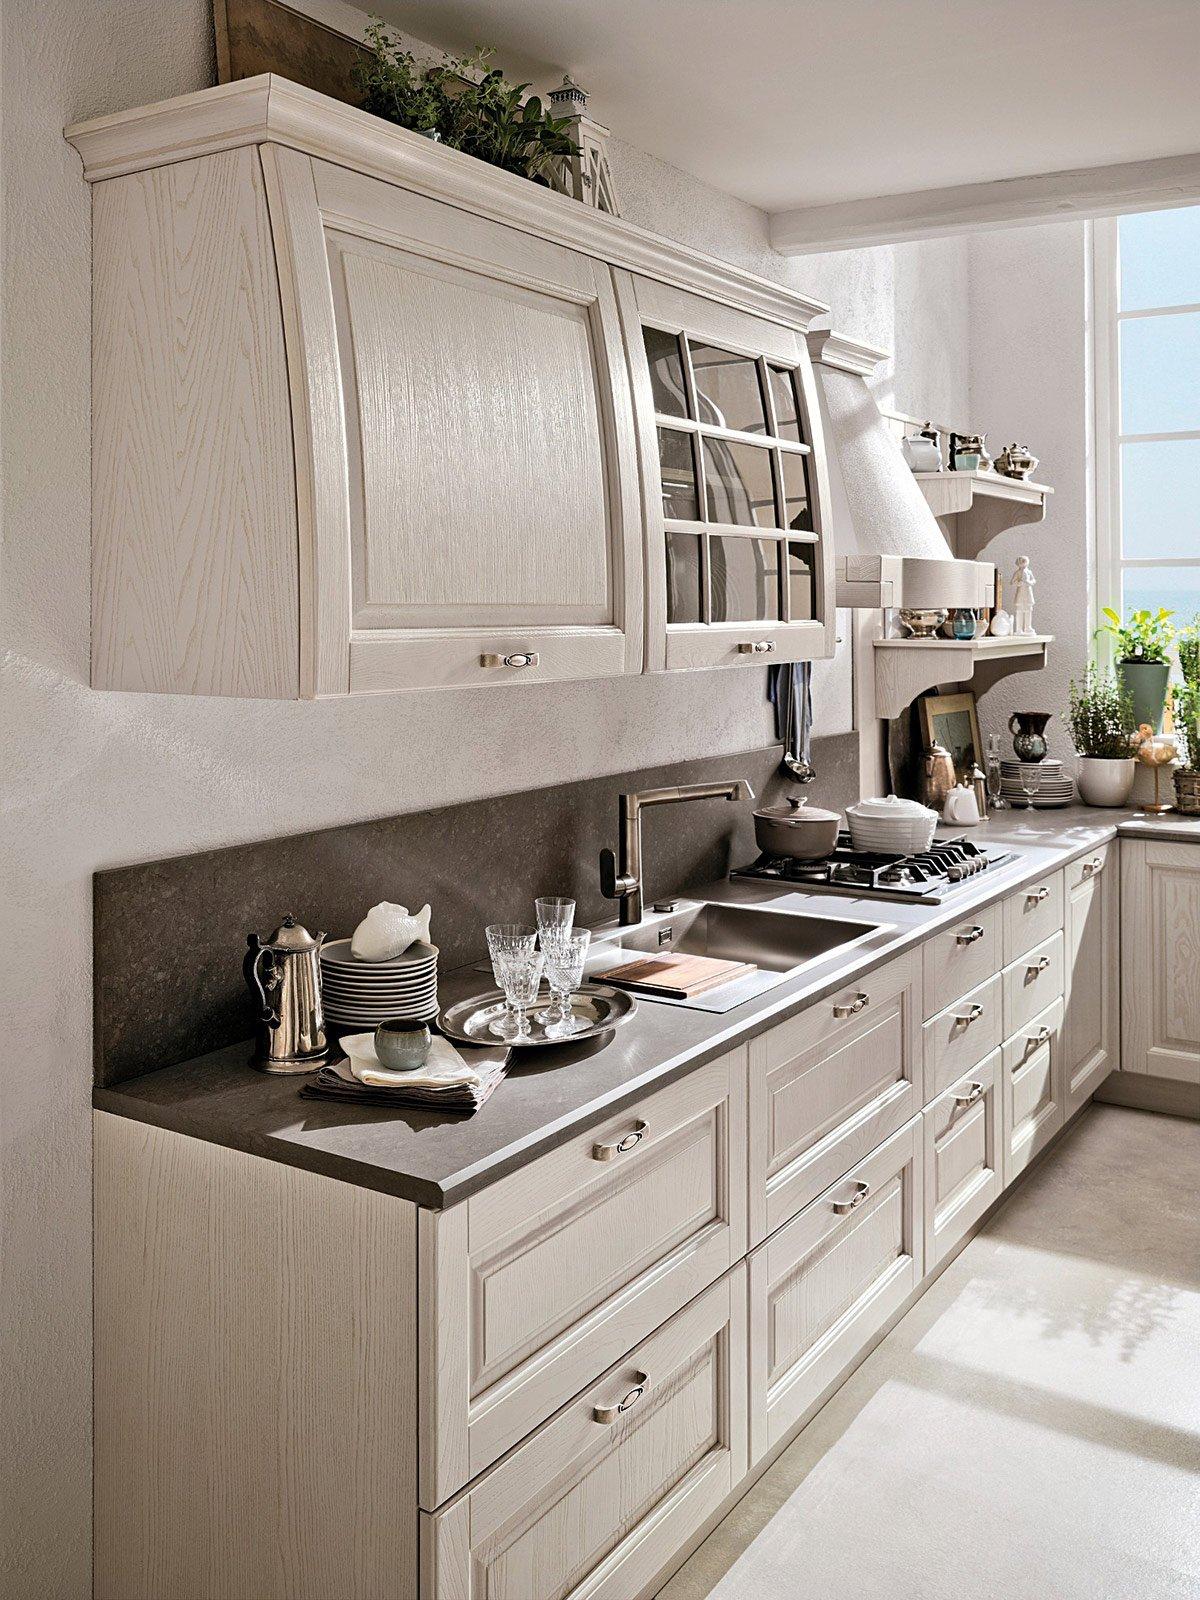 Cucine country stile tradizionale o new classic cose di casa - Piastrelle in inglese ...